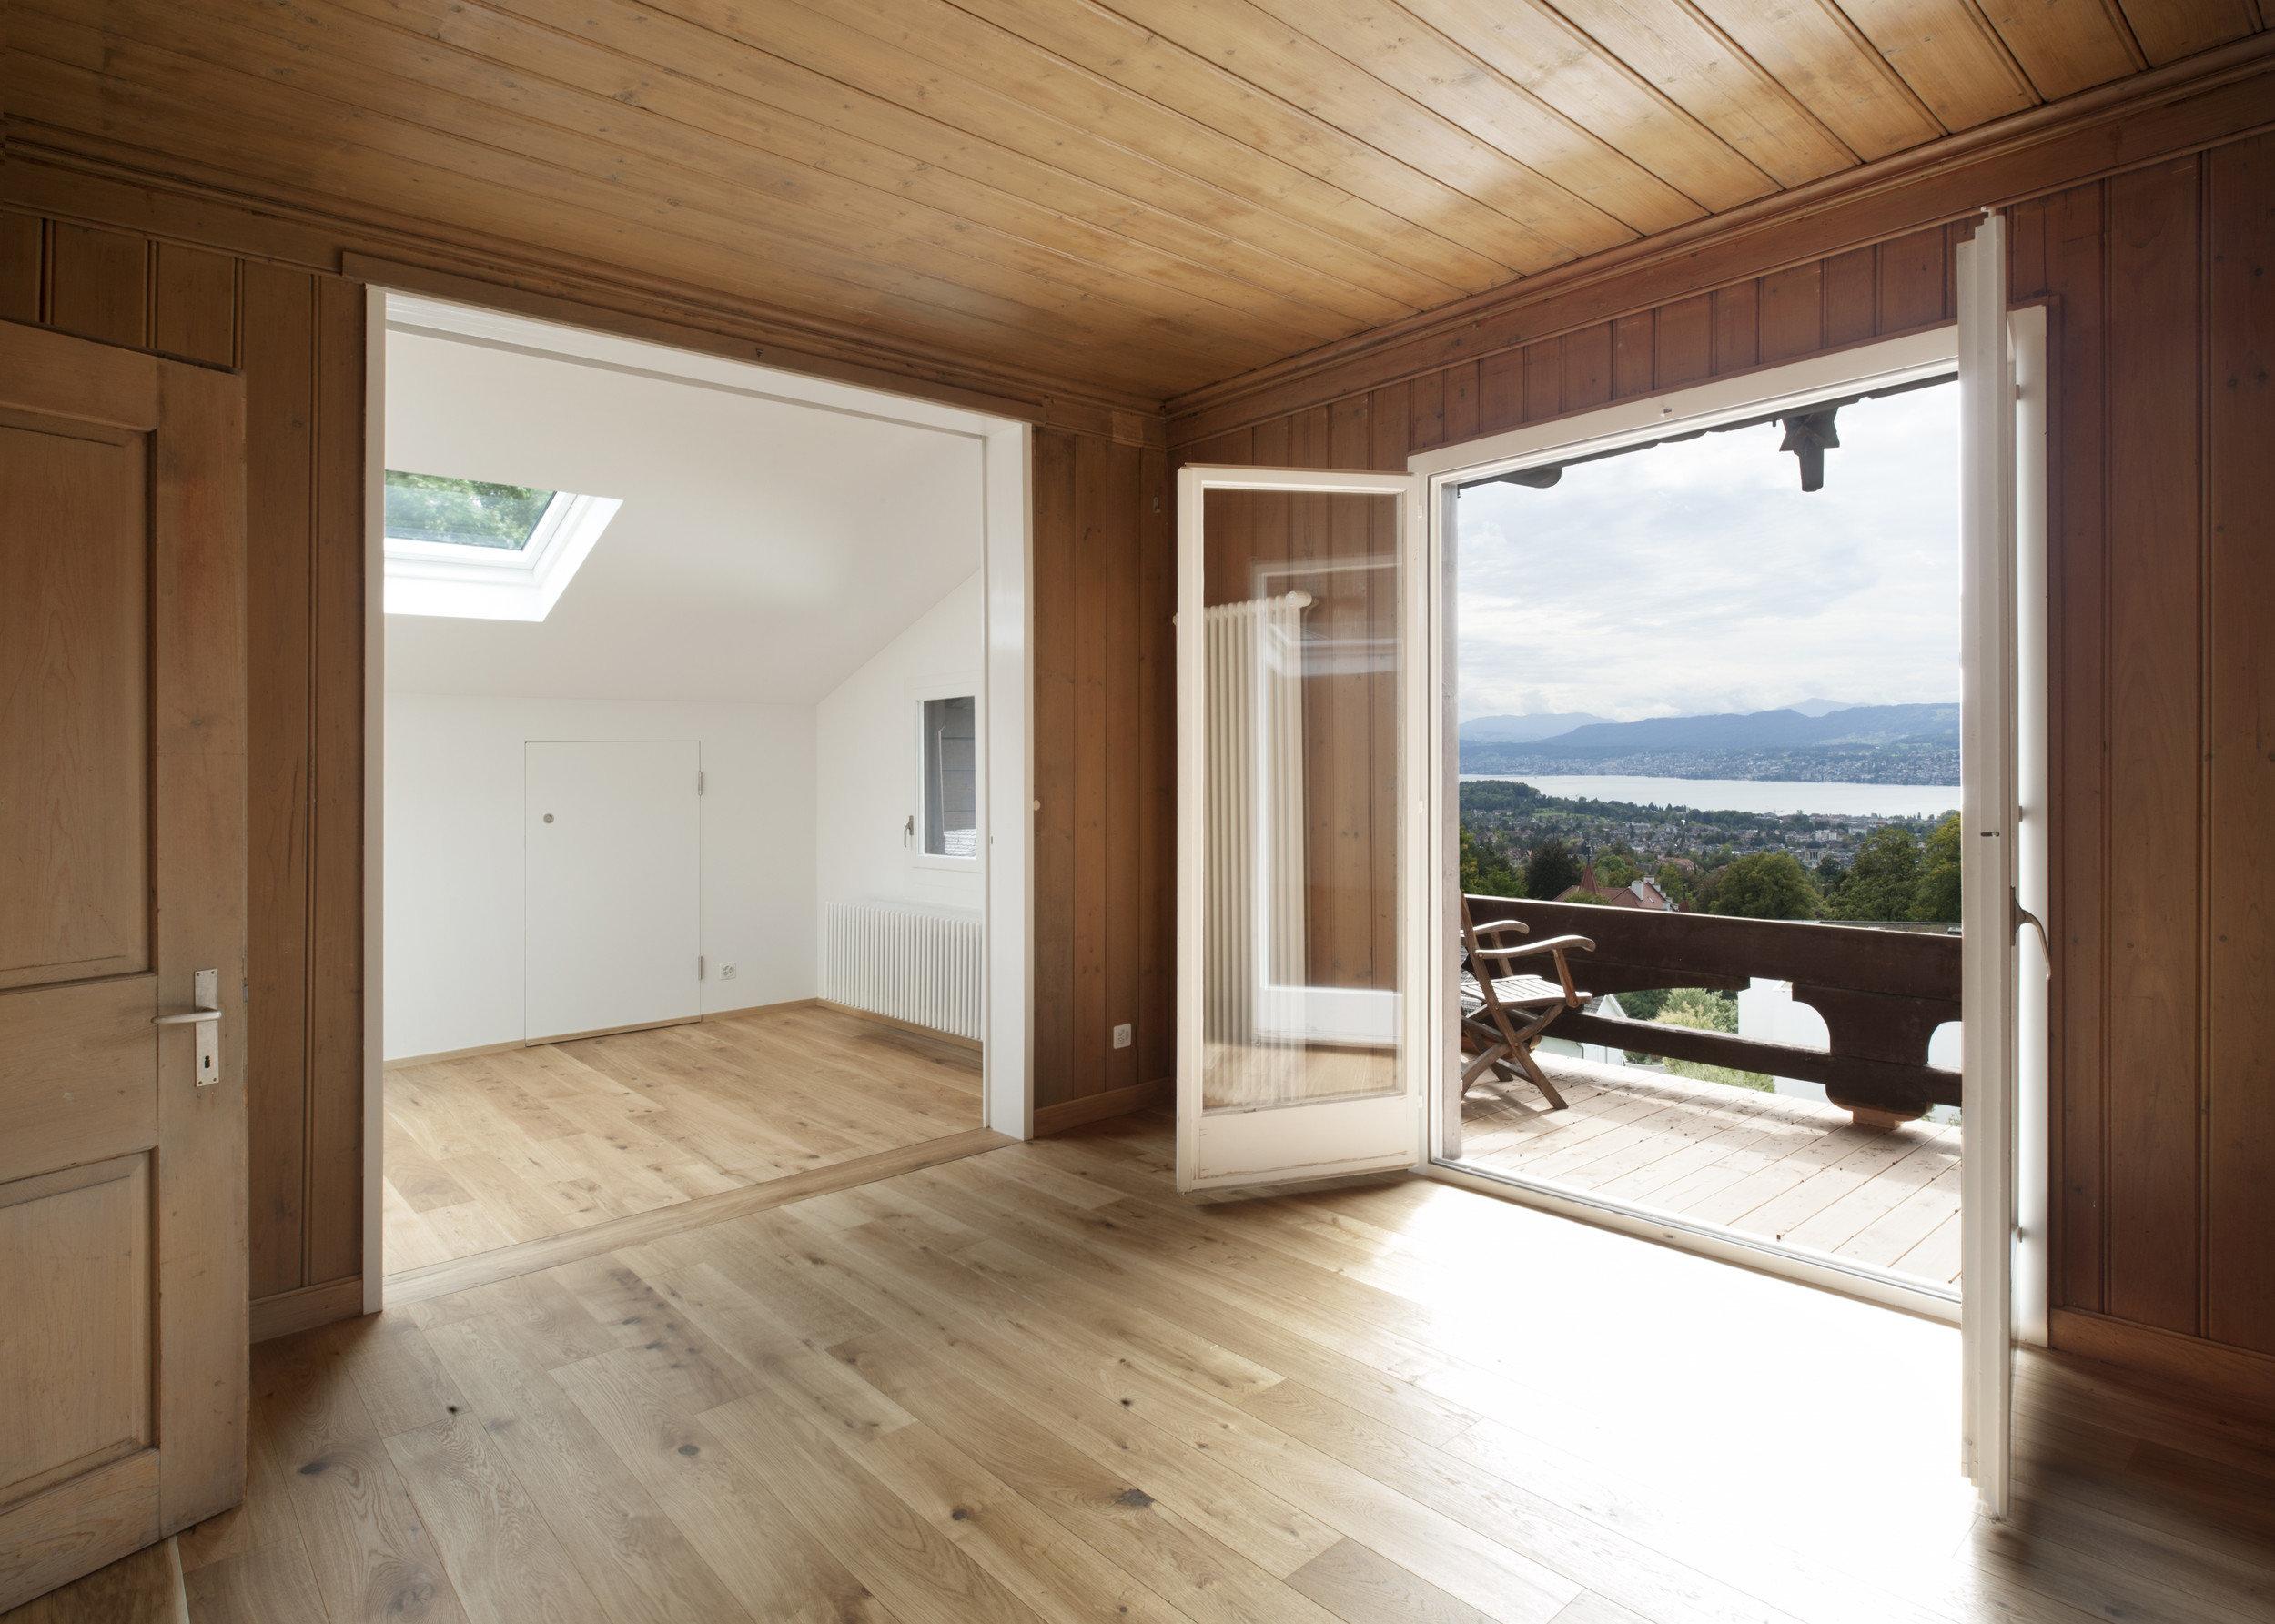 Wohnraum mit grossem Türrahmen und Doppelflügeltürelement auf Balkon